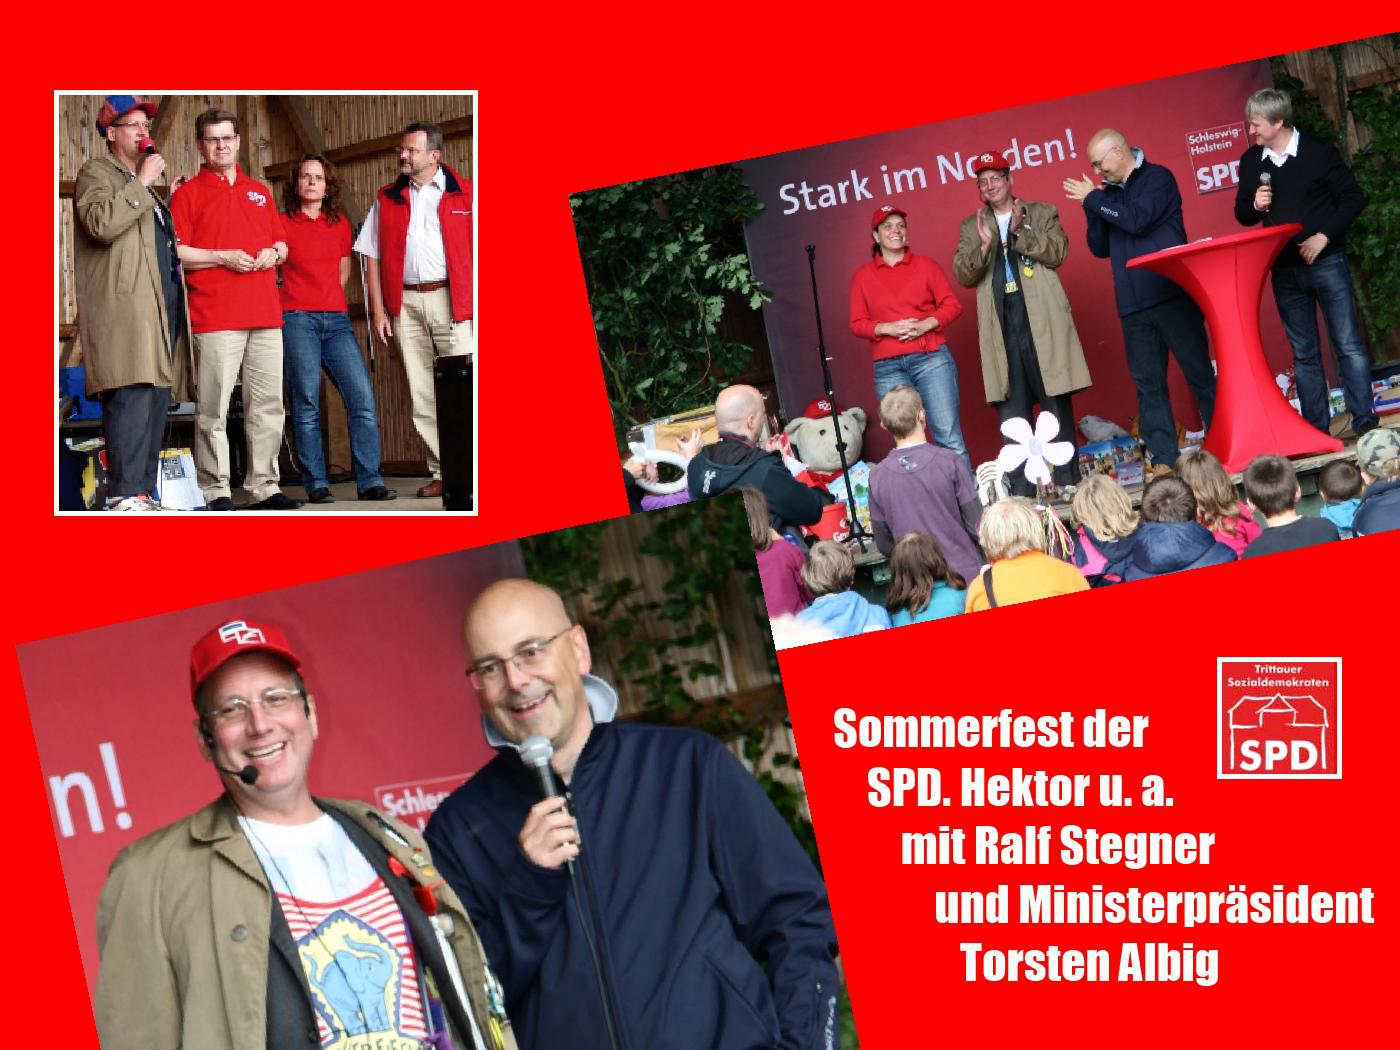 Hektor beim Sommerfest der SPD Trittau